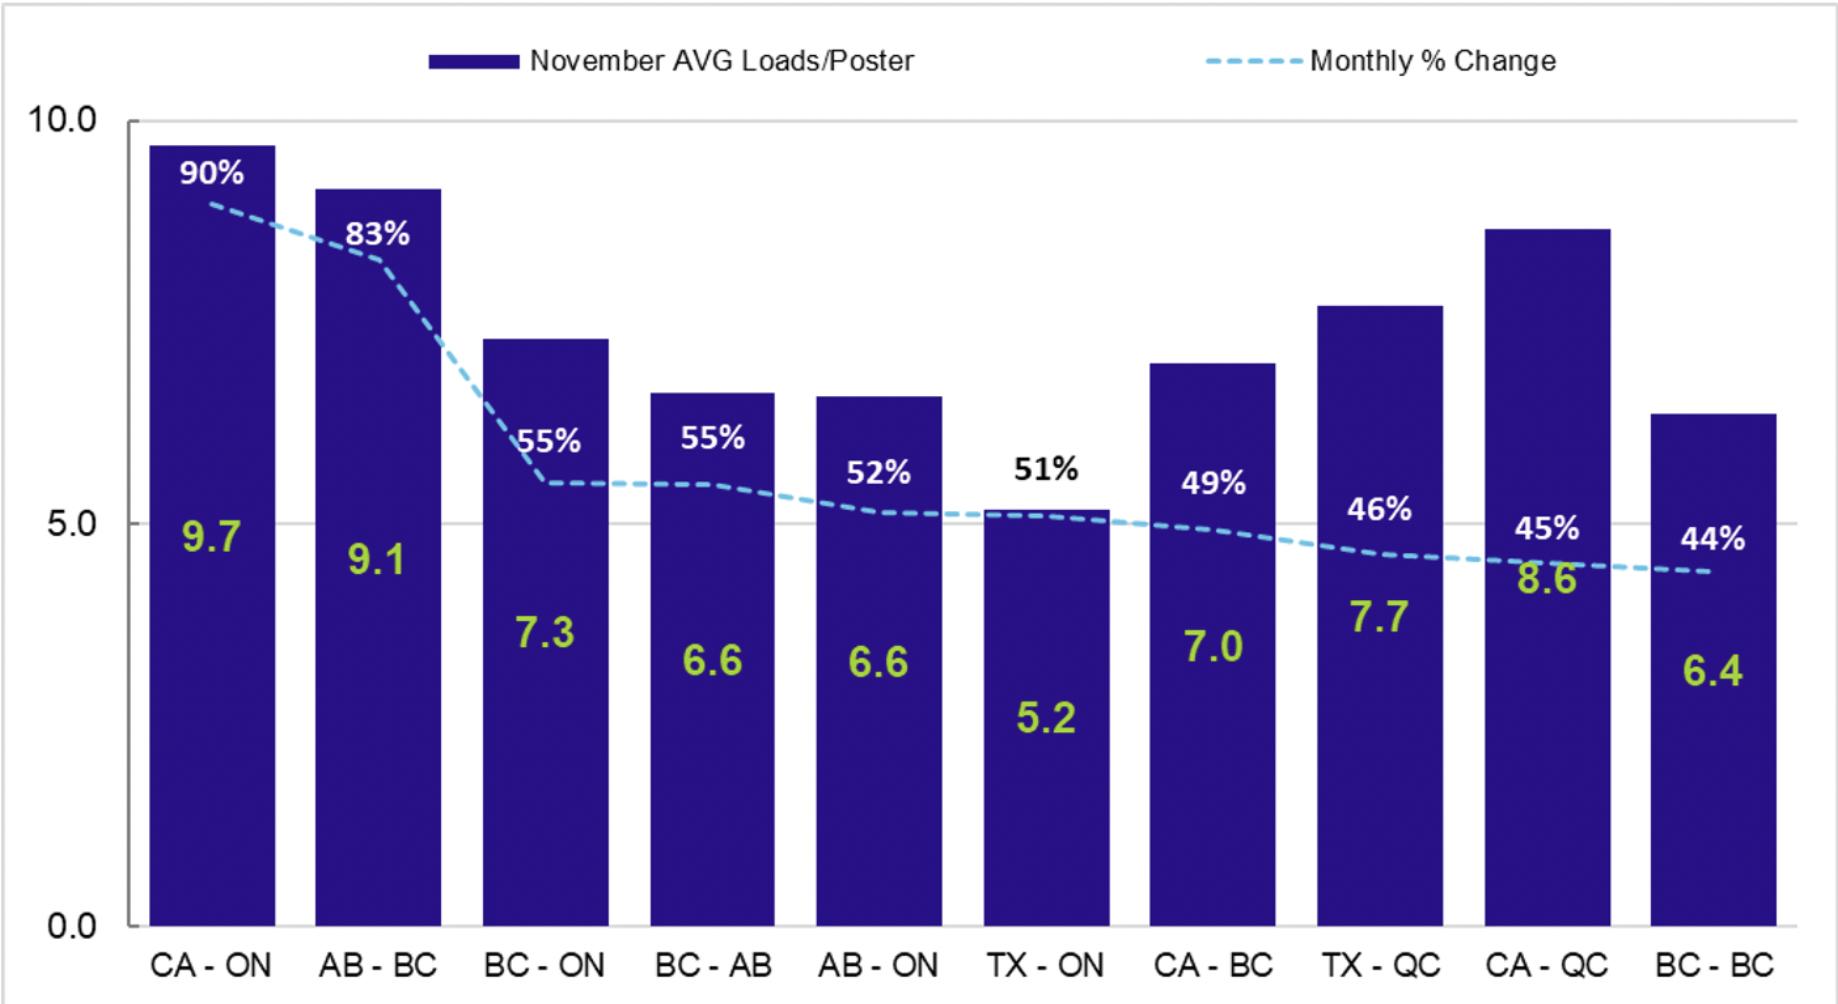 November AVG Loads Chart